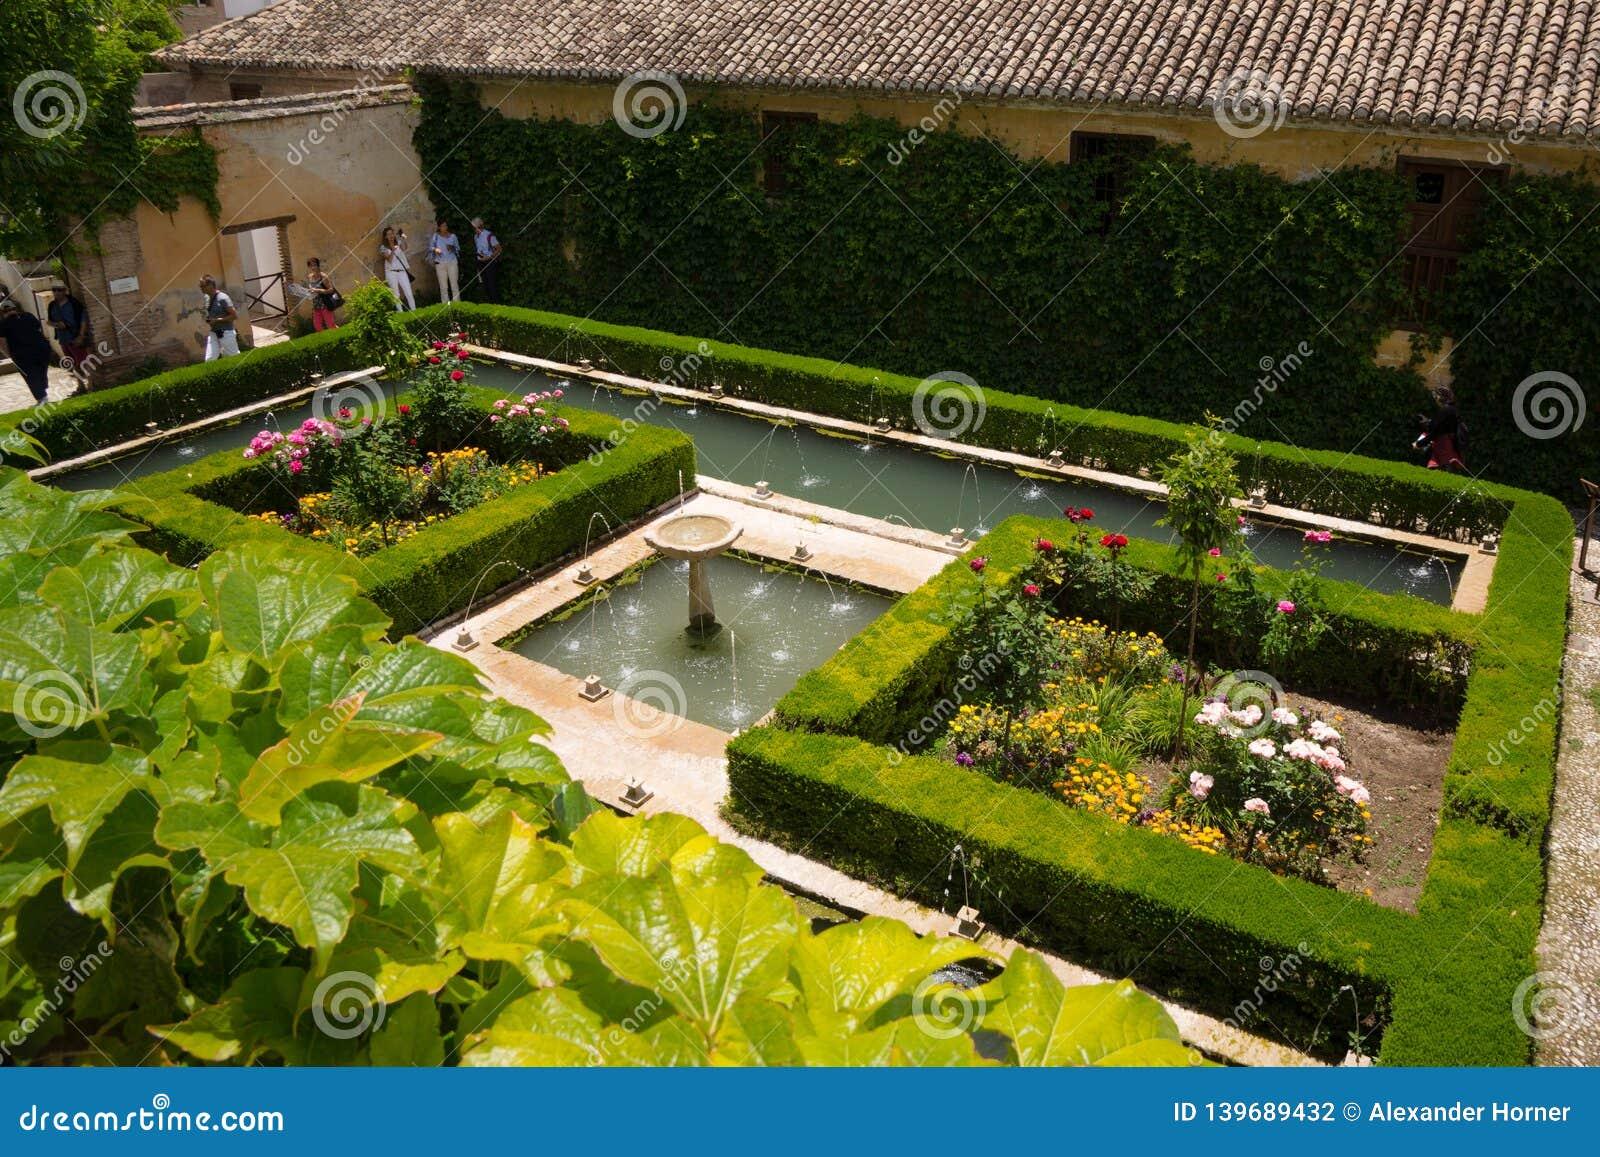 Botanical garden at Alhambra